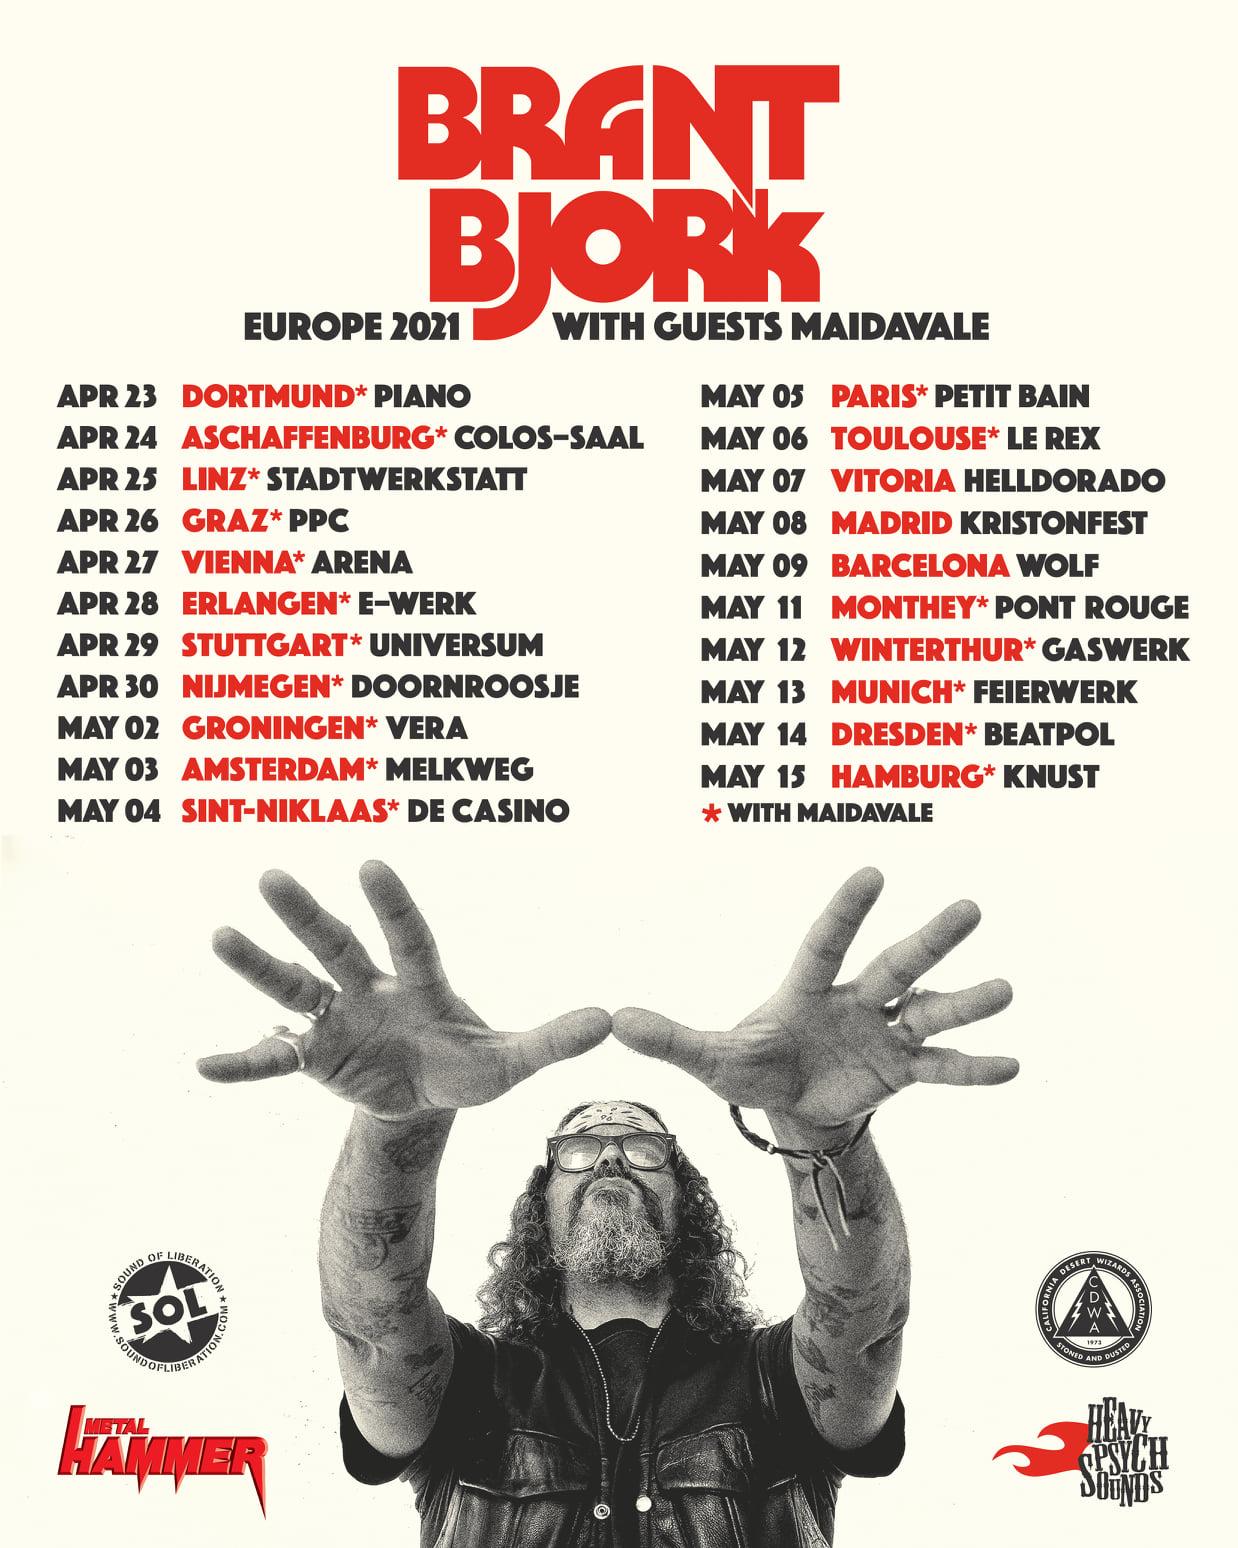 brant bjork euro tour spring 2021